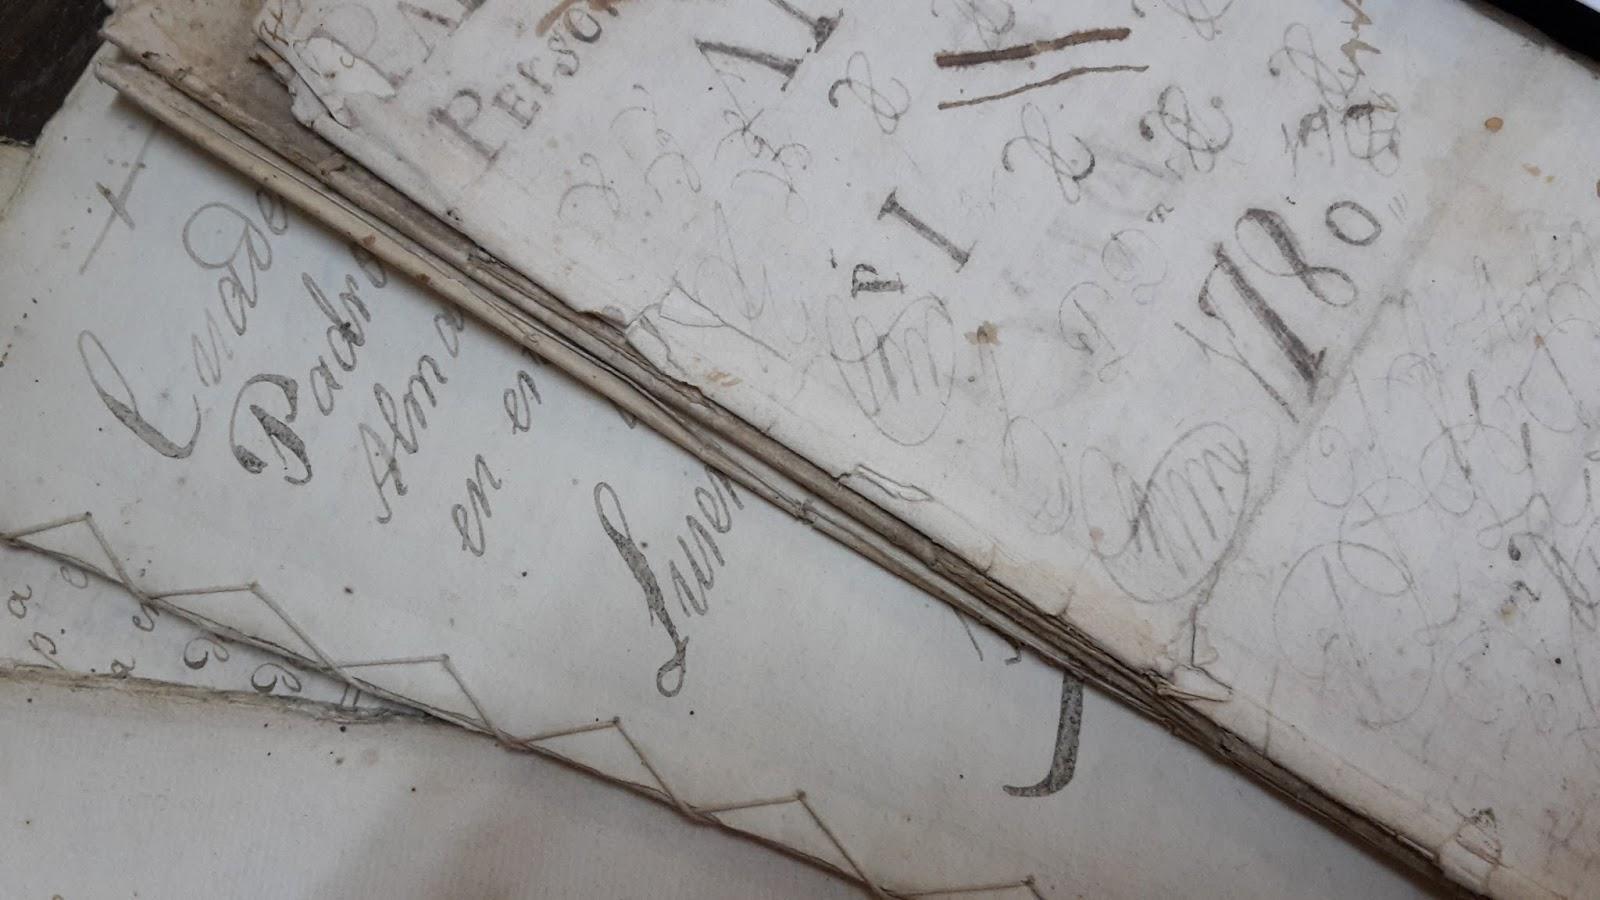 Visita al Archivo Diocesano del Obispado de Huelva